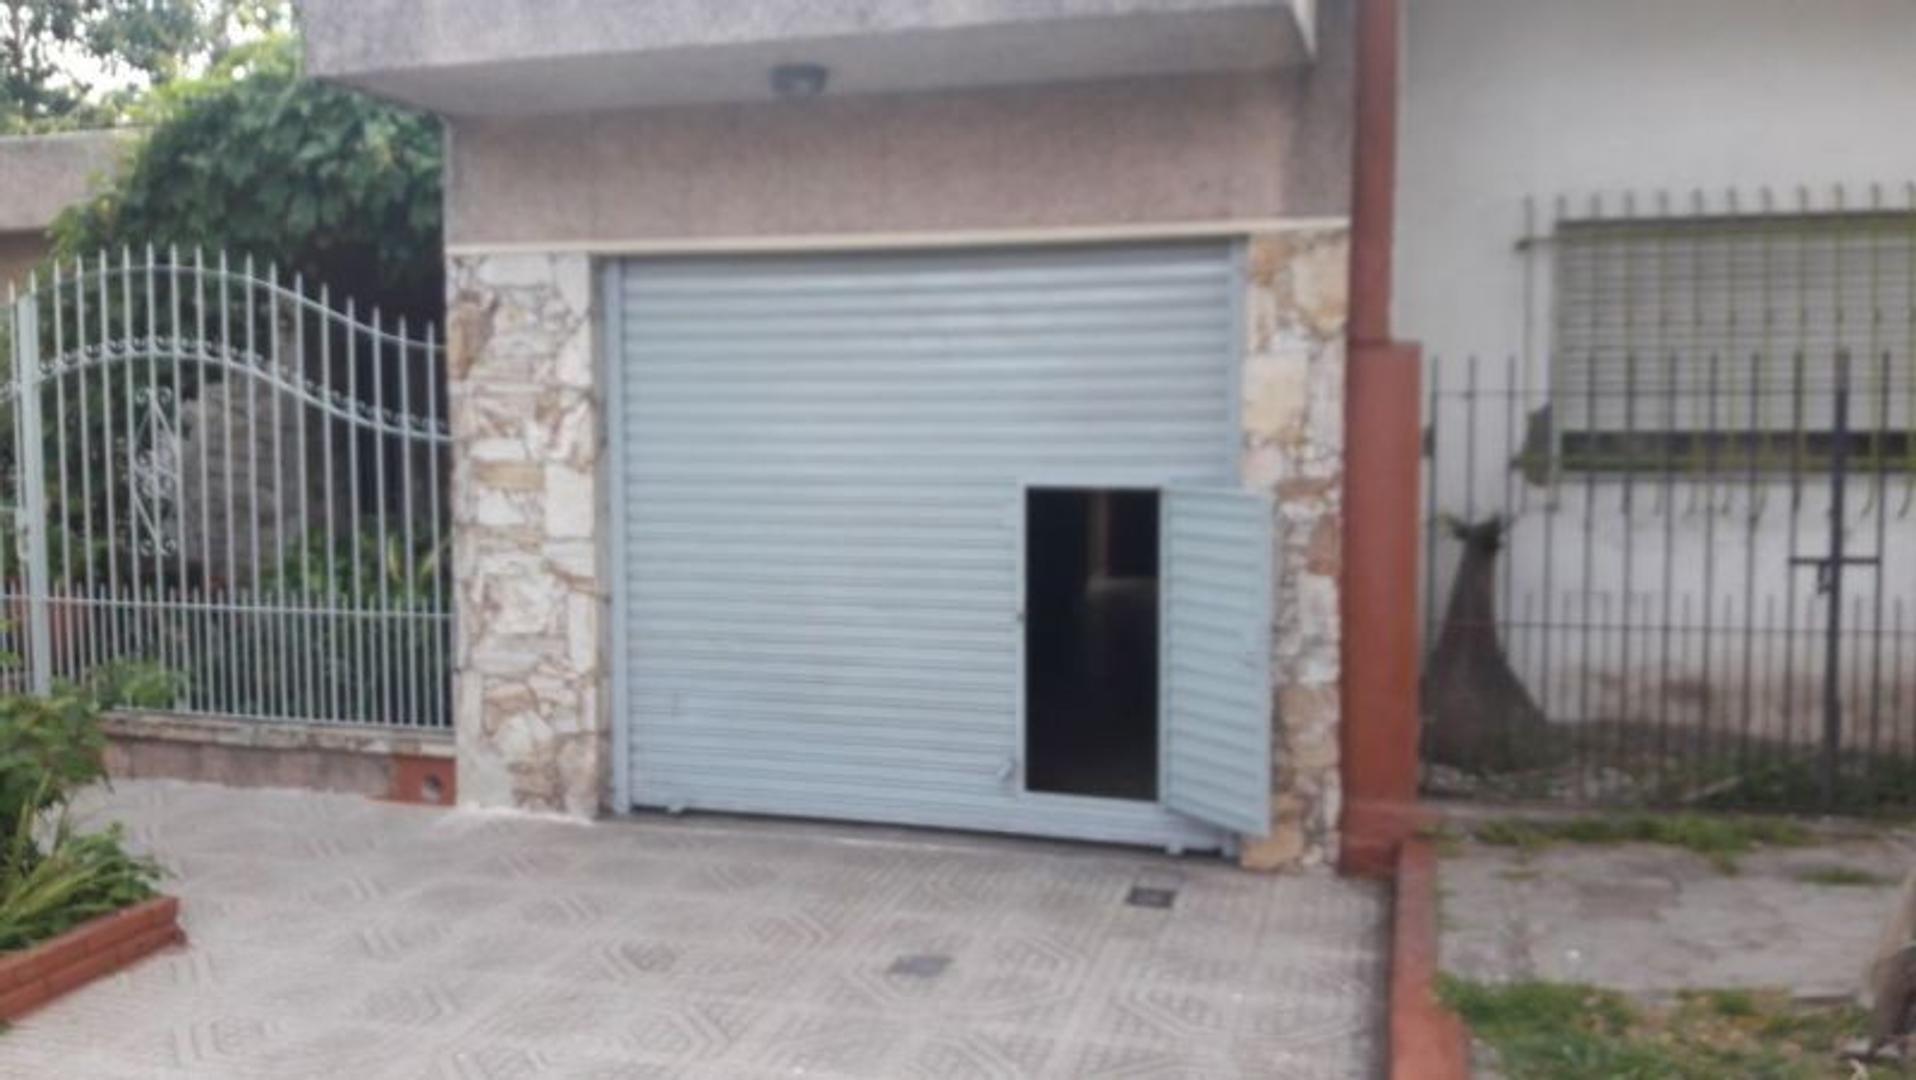 Local - Alquiler - Argentina, Berazategui - 149A 2869